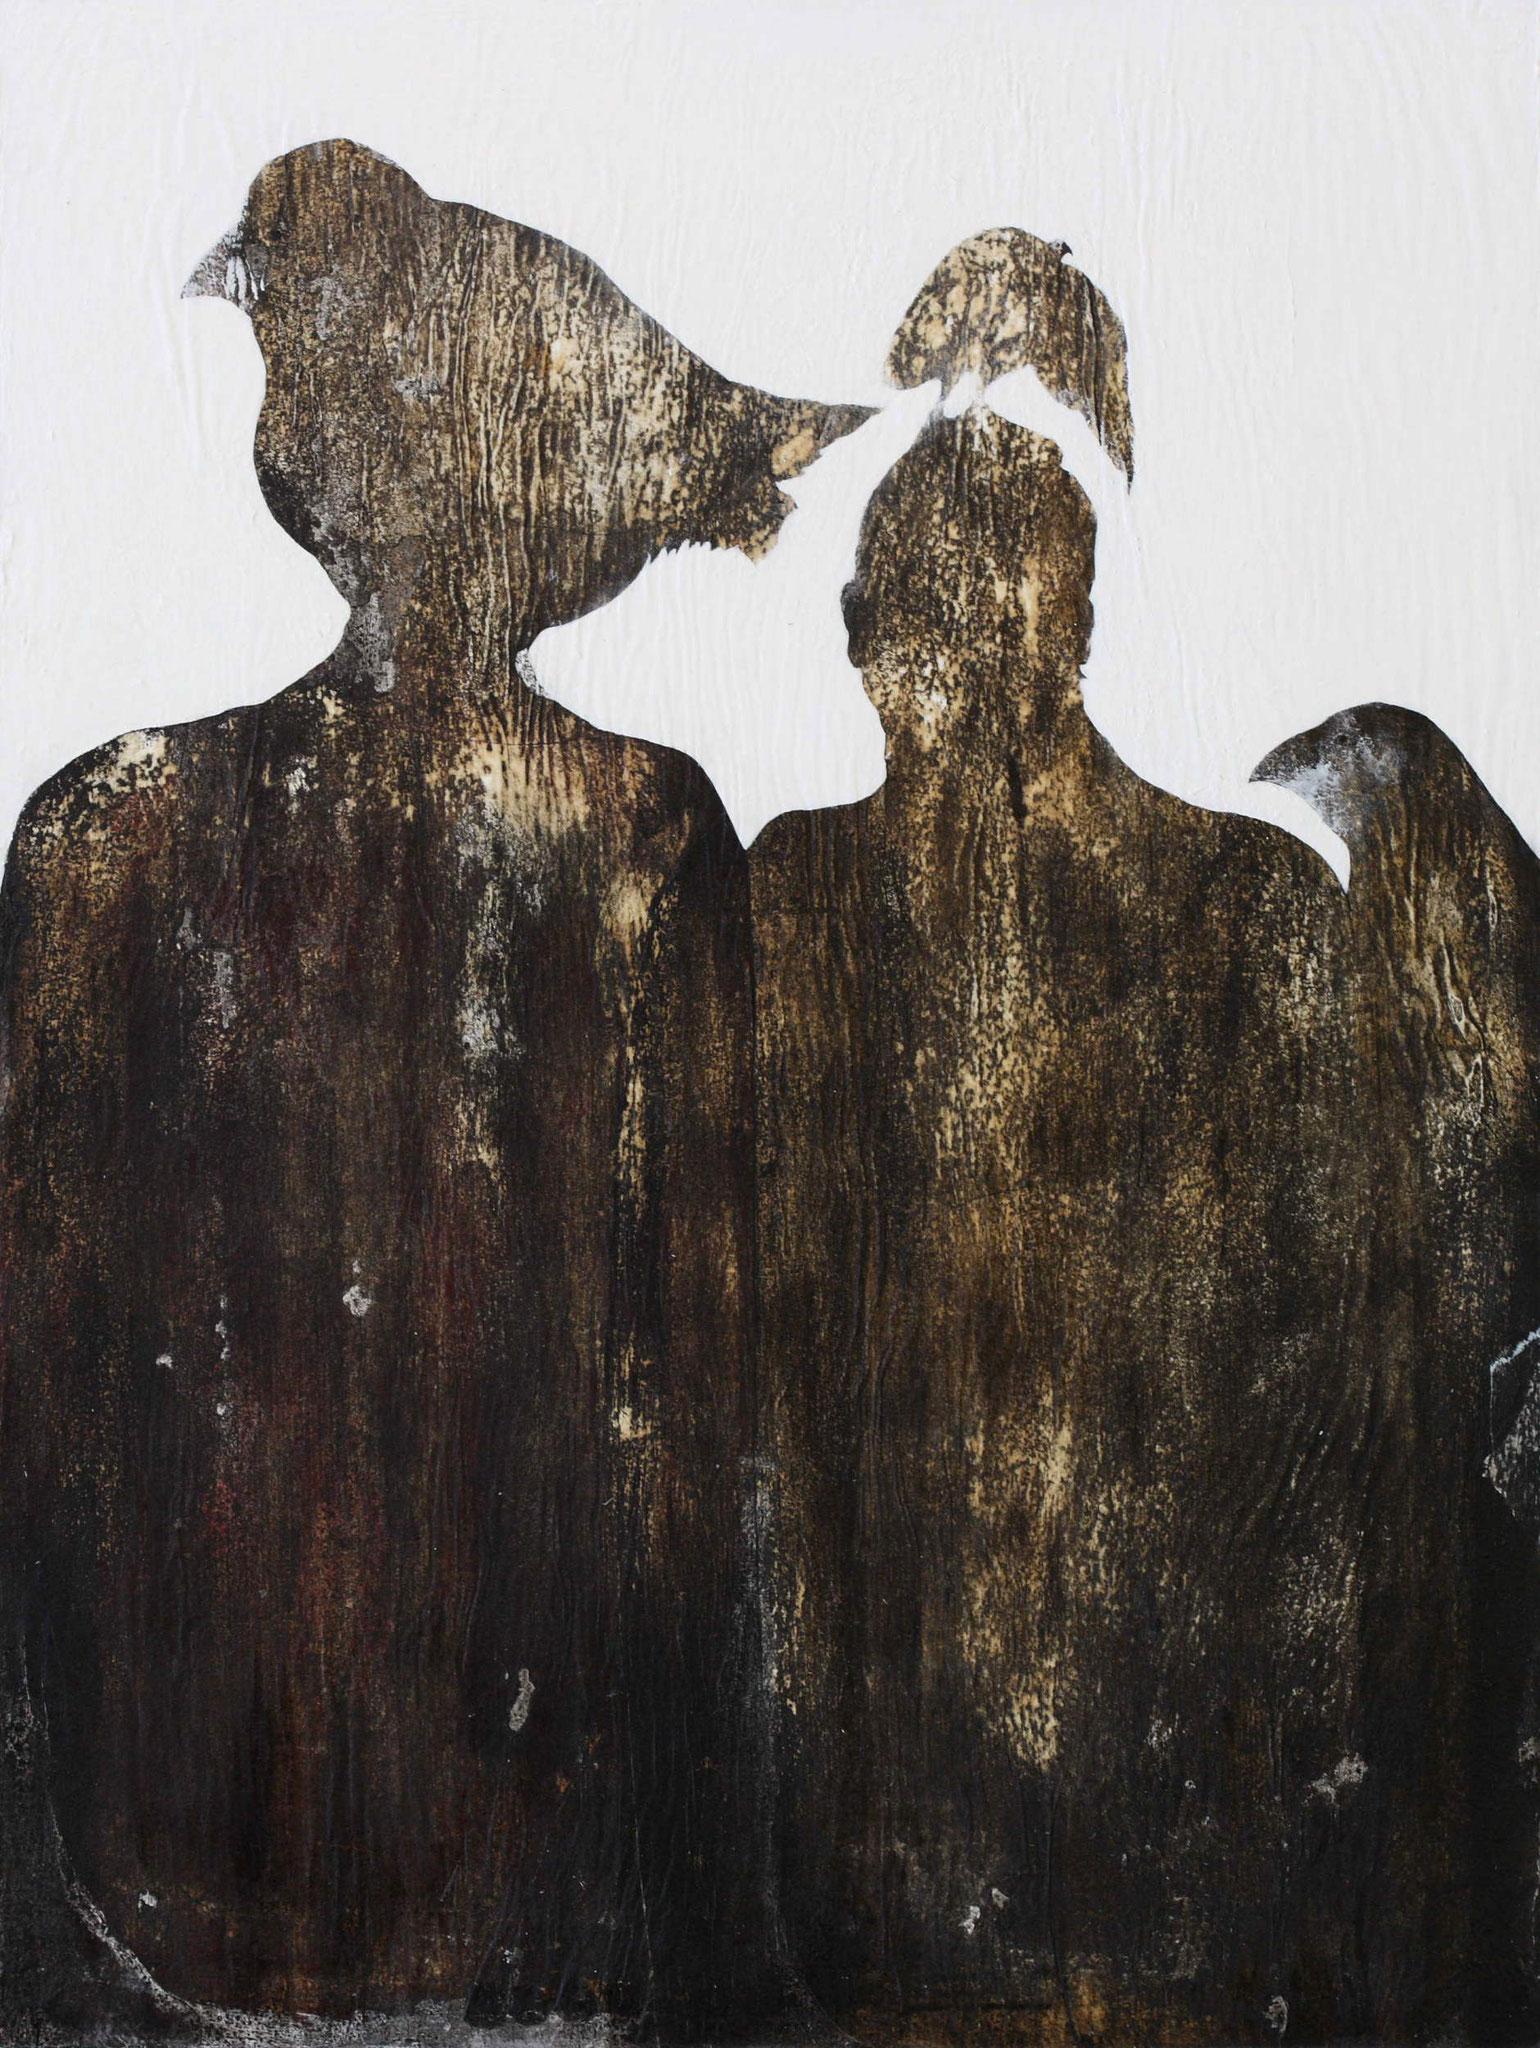 Migratoire - 2018 - encre et acrylique sur papier kraft marouflé sur bois hauteur 92 cm - largeur 73 cm - Oeuvre de Pascal Jacquet